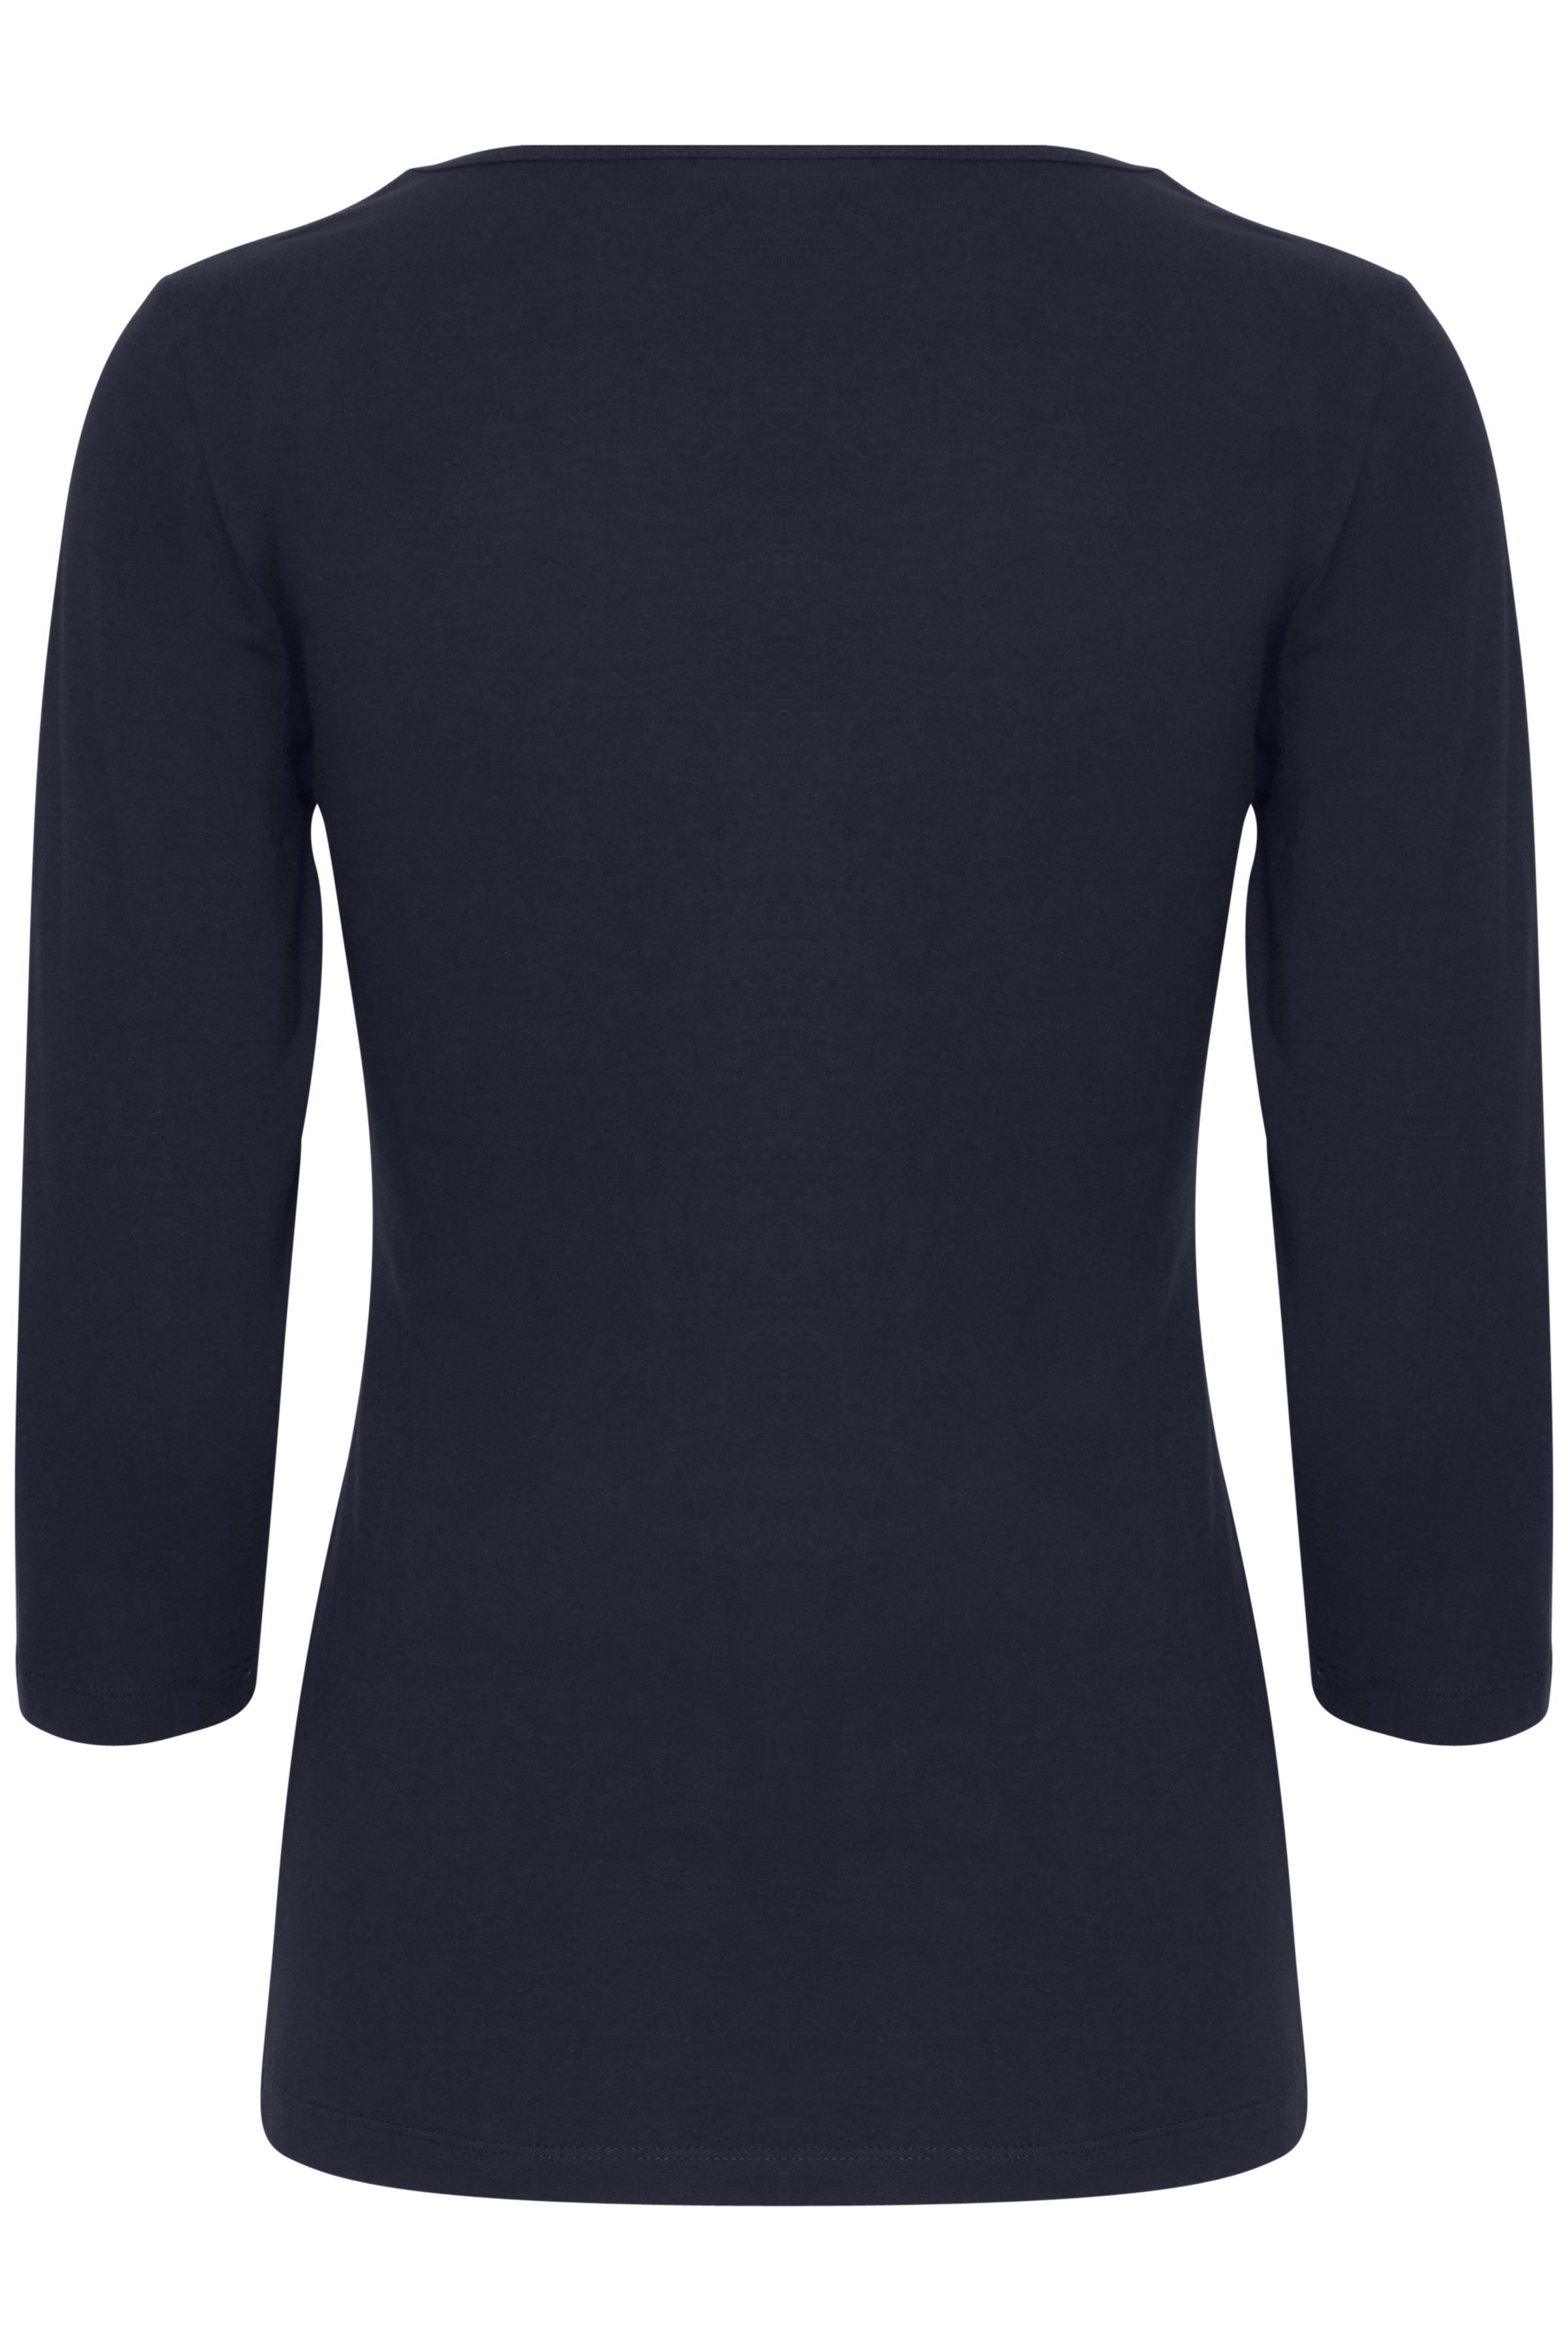 Dark Peacoat T-shirt – Køb Dark Peacoat T-shirt fra str. XS-XXL her